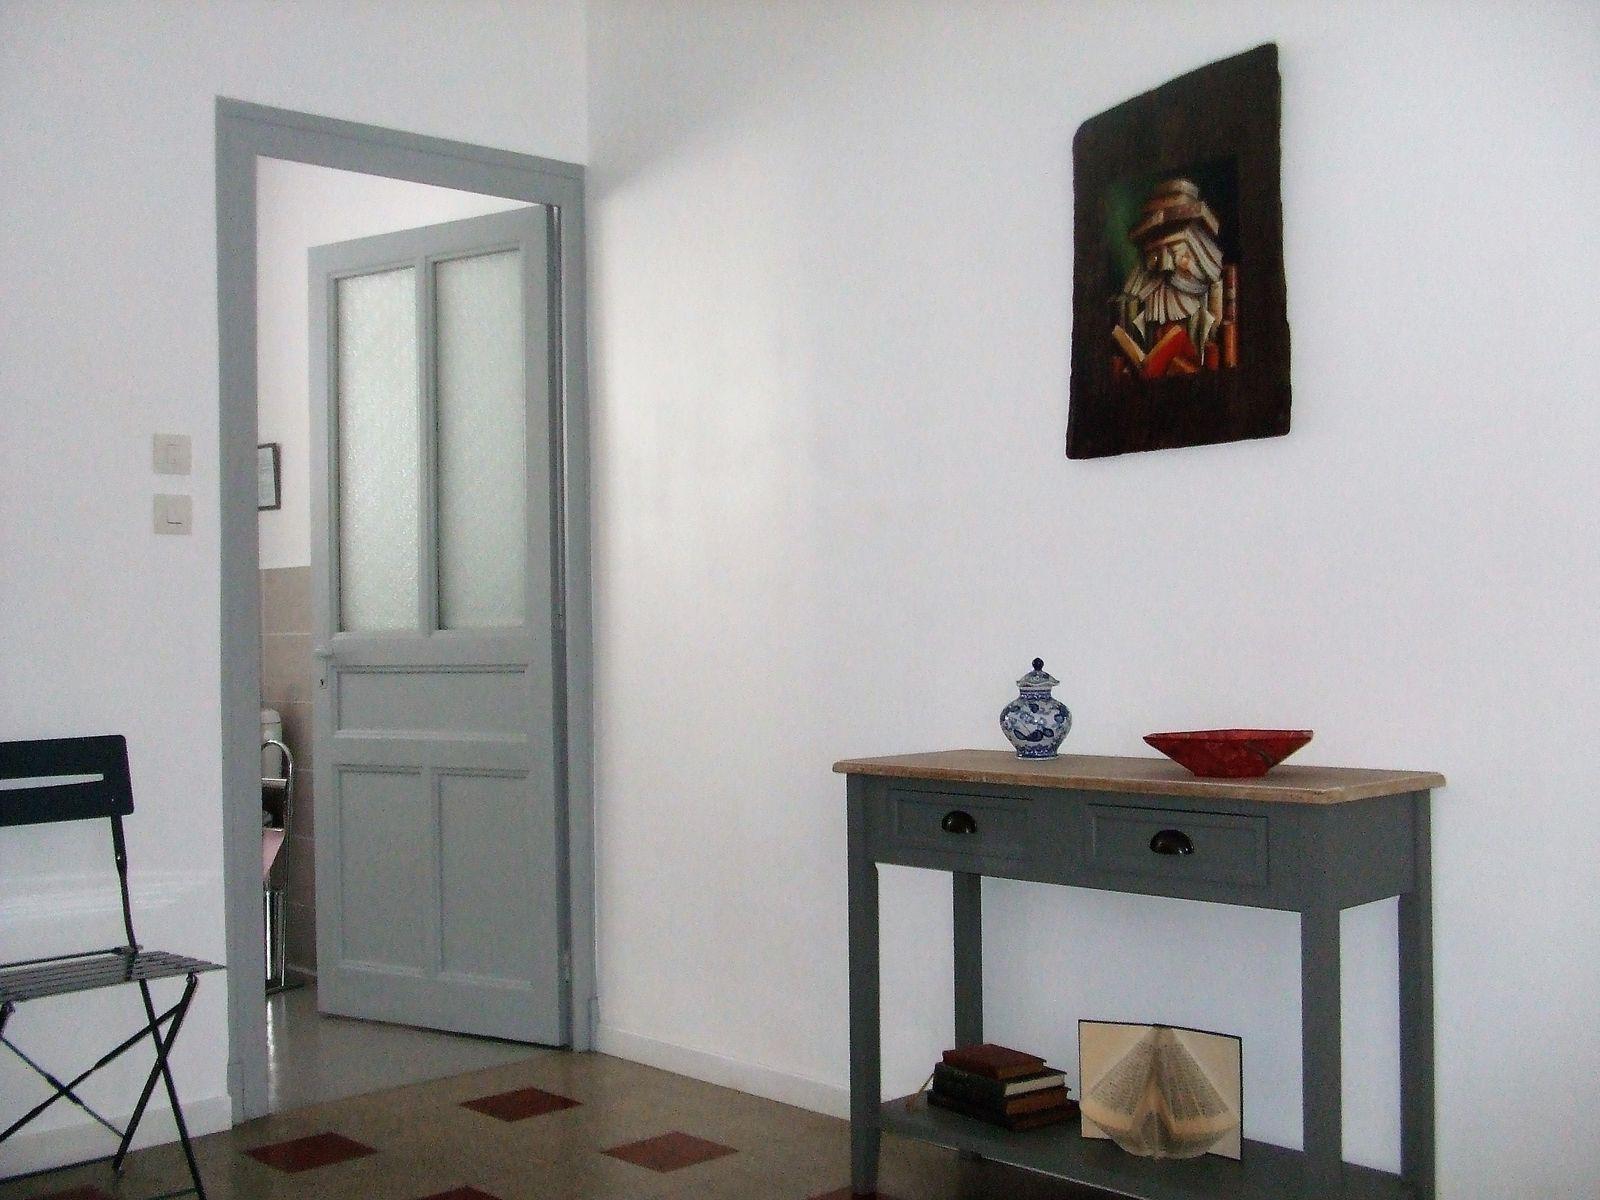 Chambre côté ouverture salle de bains